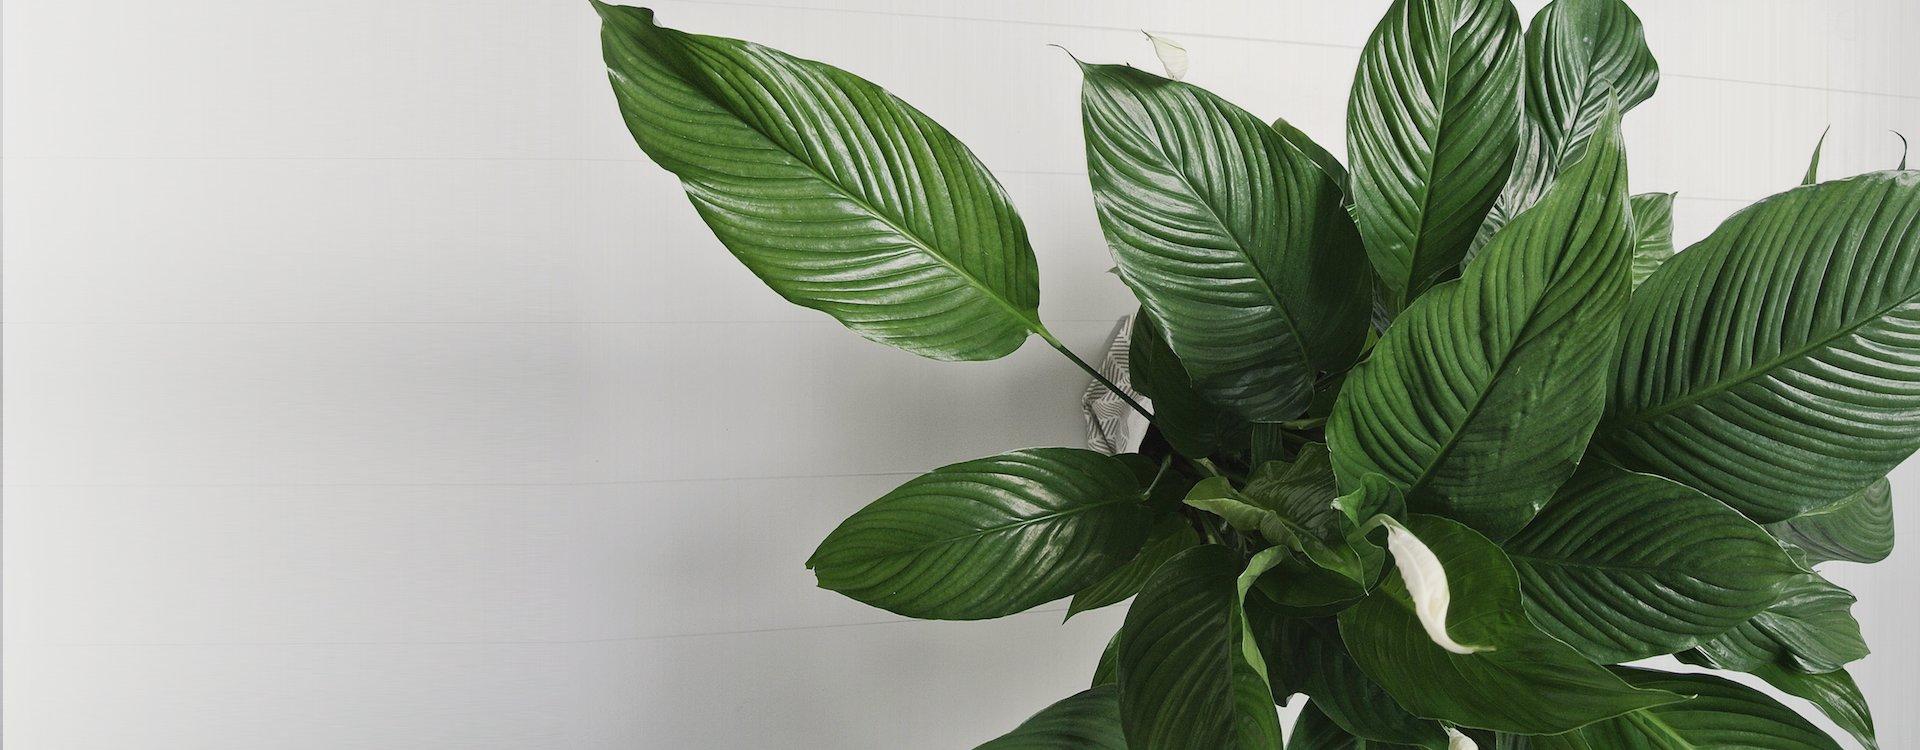 Slidenew piante verdi for Vendita piante ornamentali